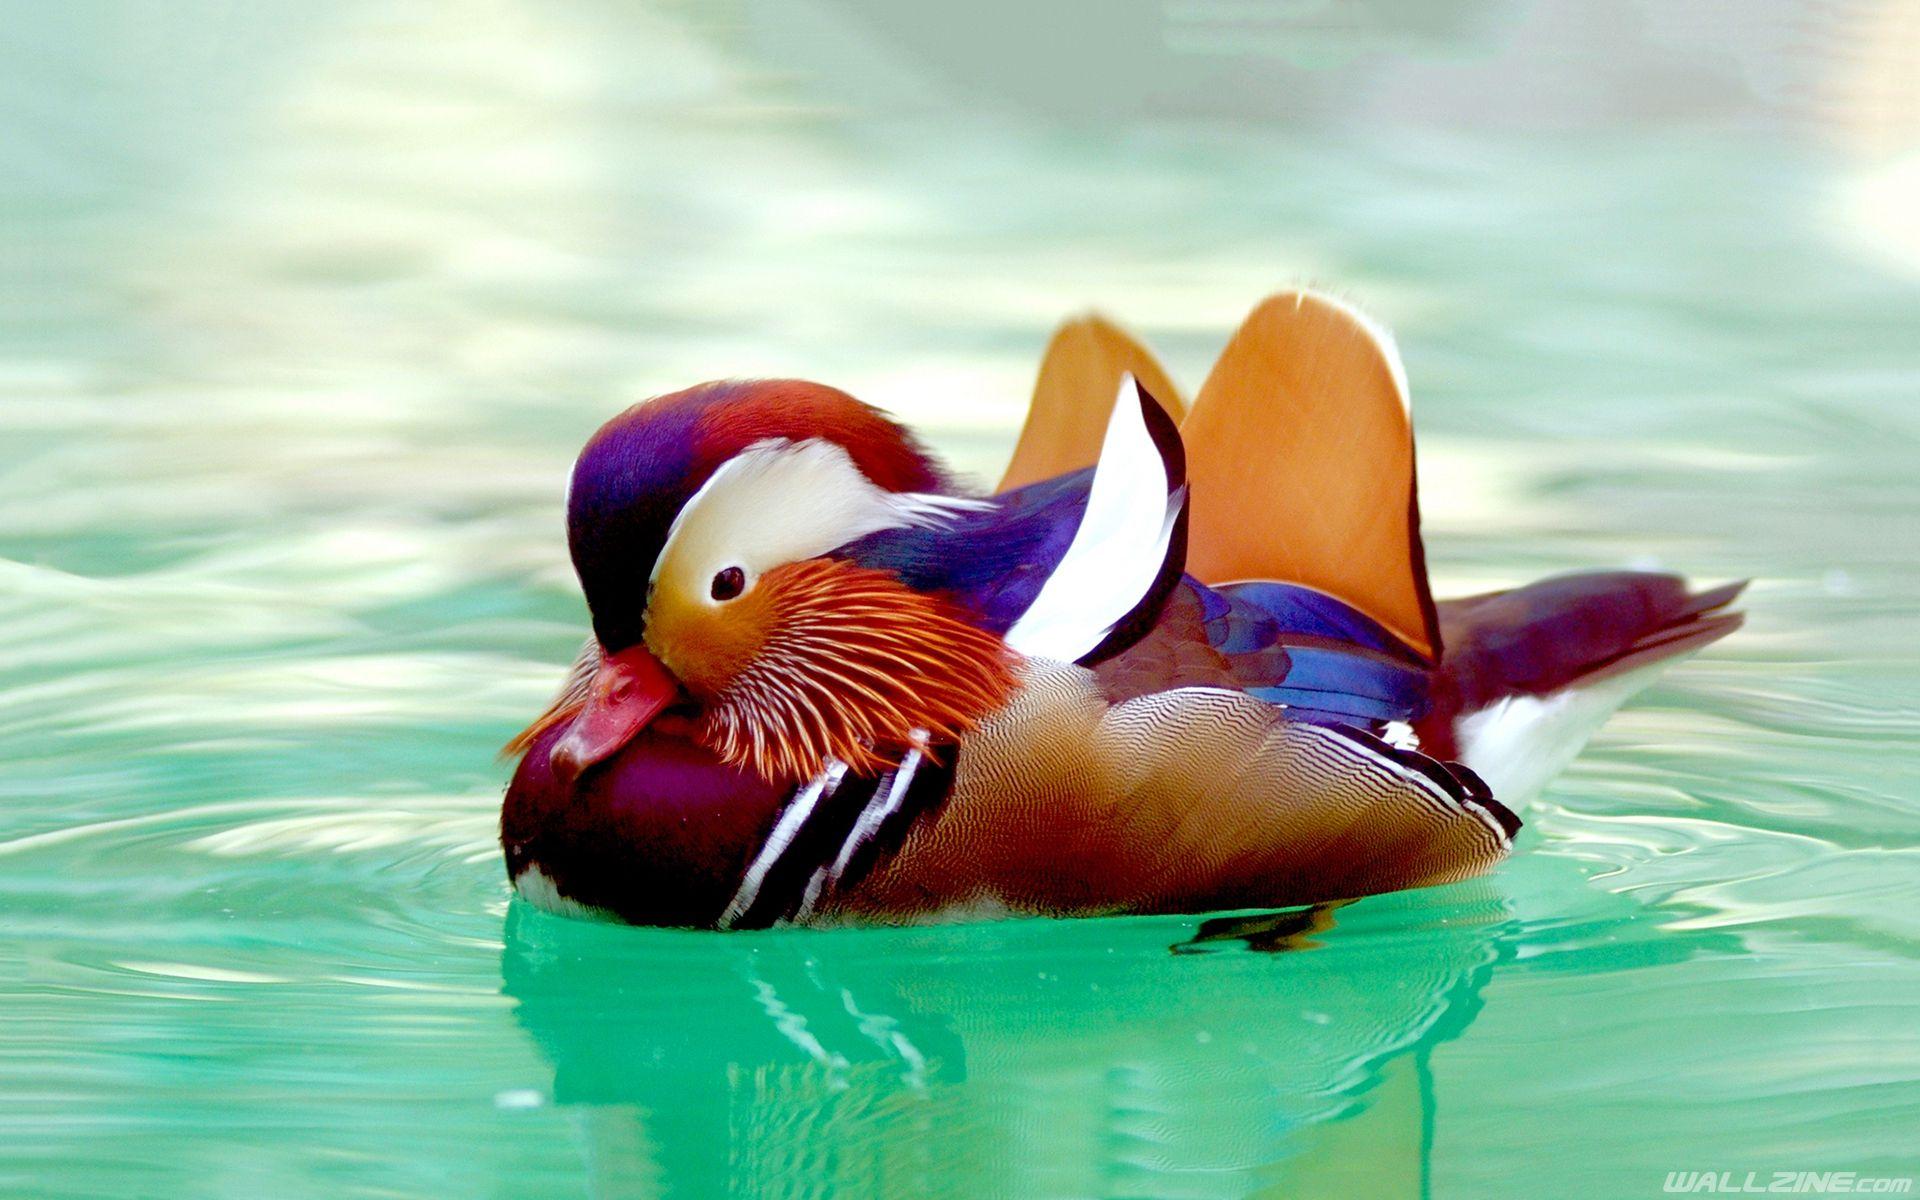 62dee95d7a982633020a582afc1189e1 - How To Get Rid Of Ducks On Your Dock